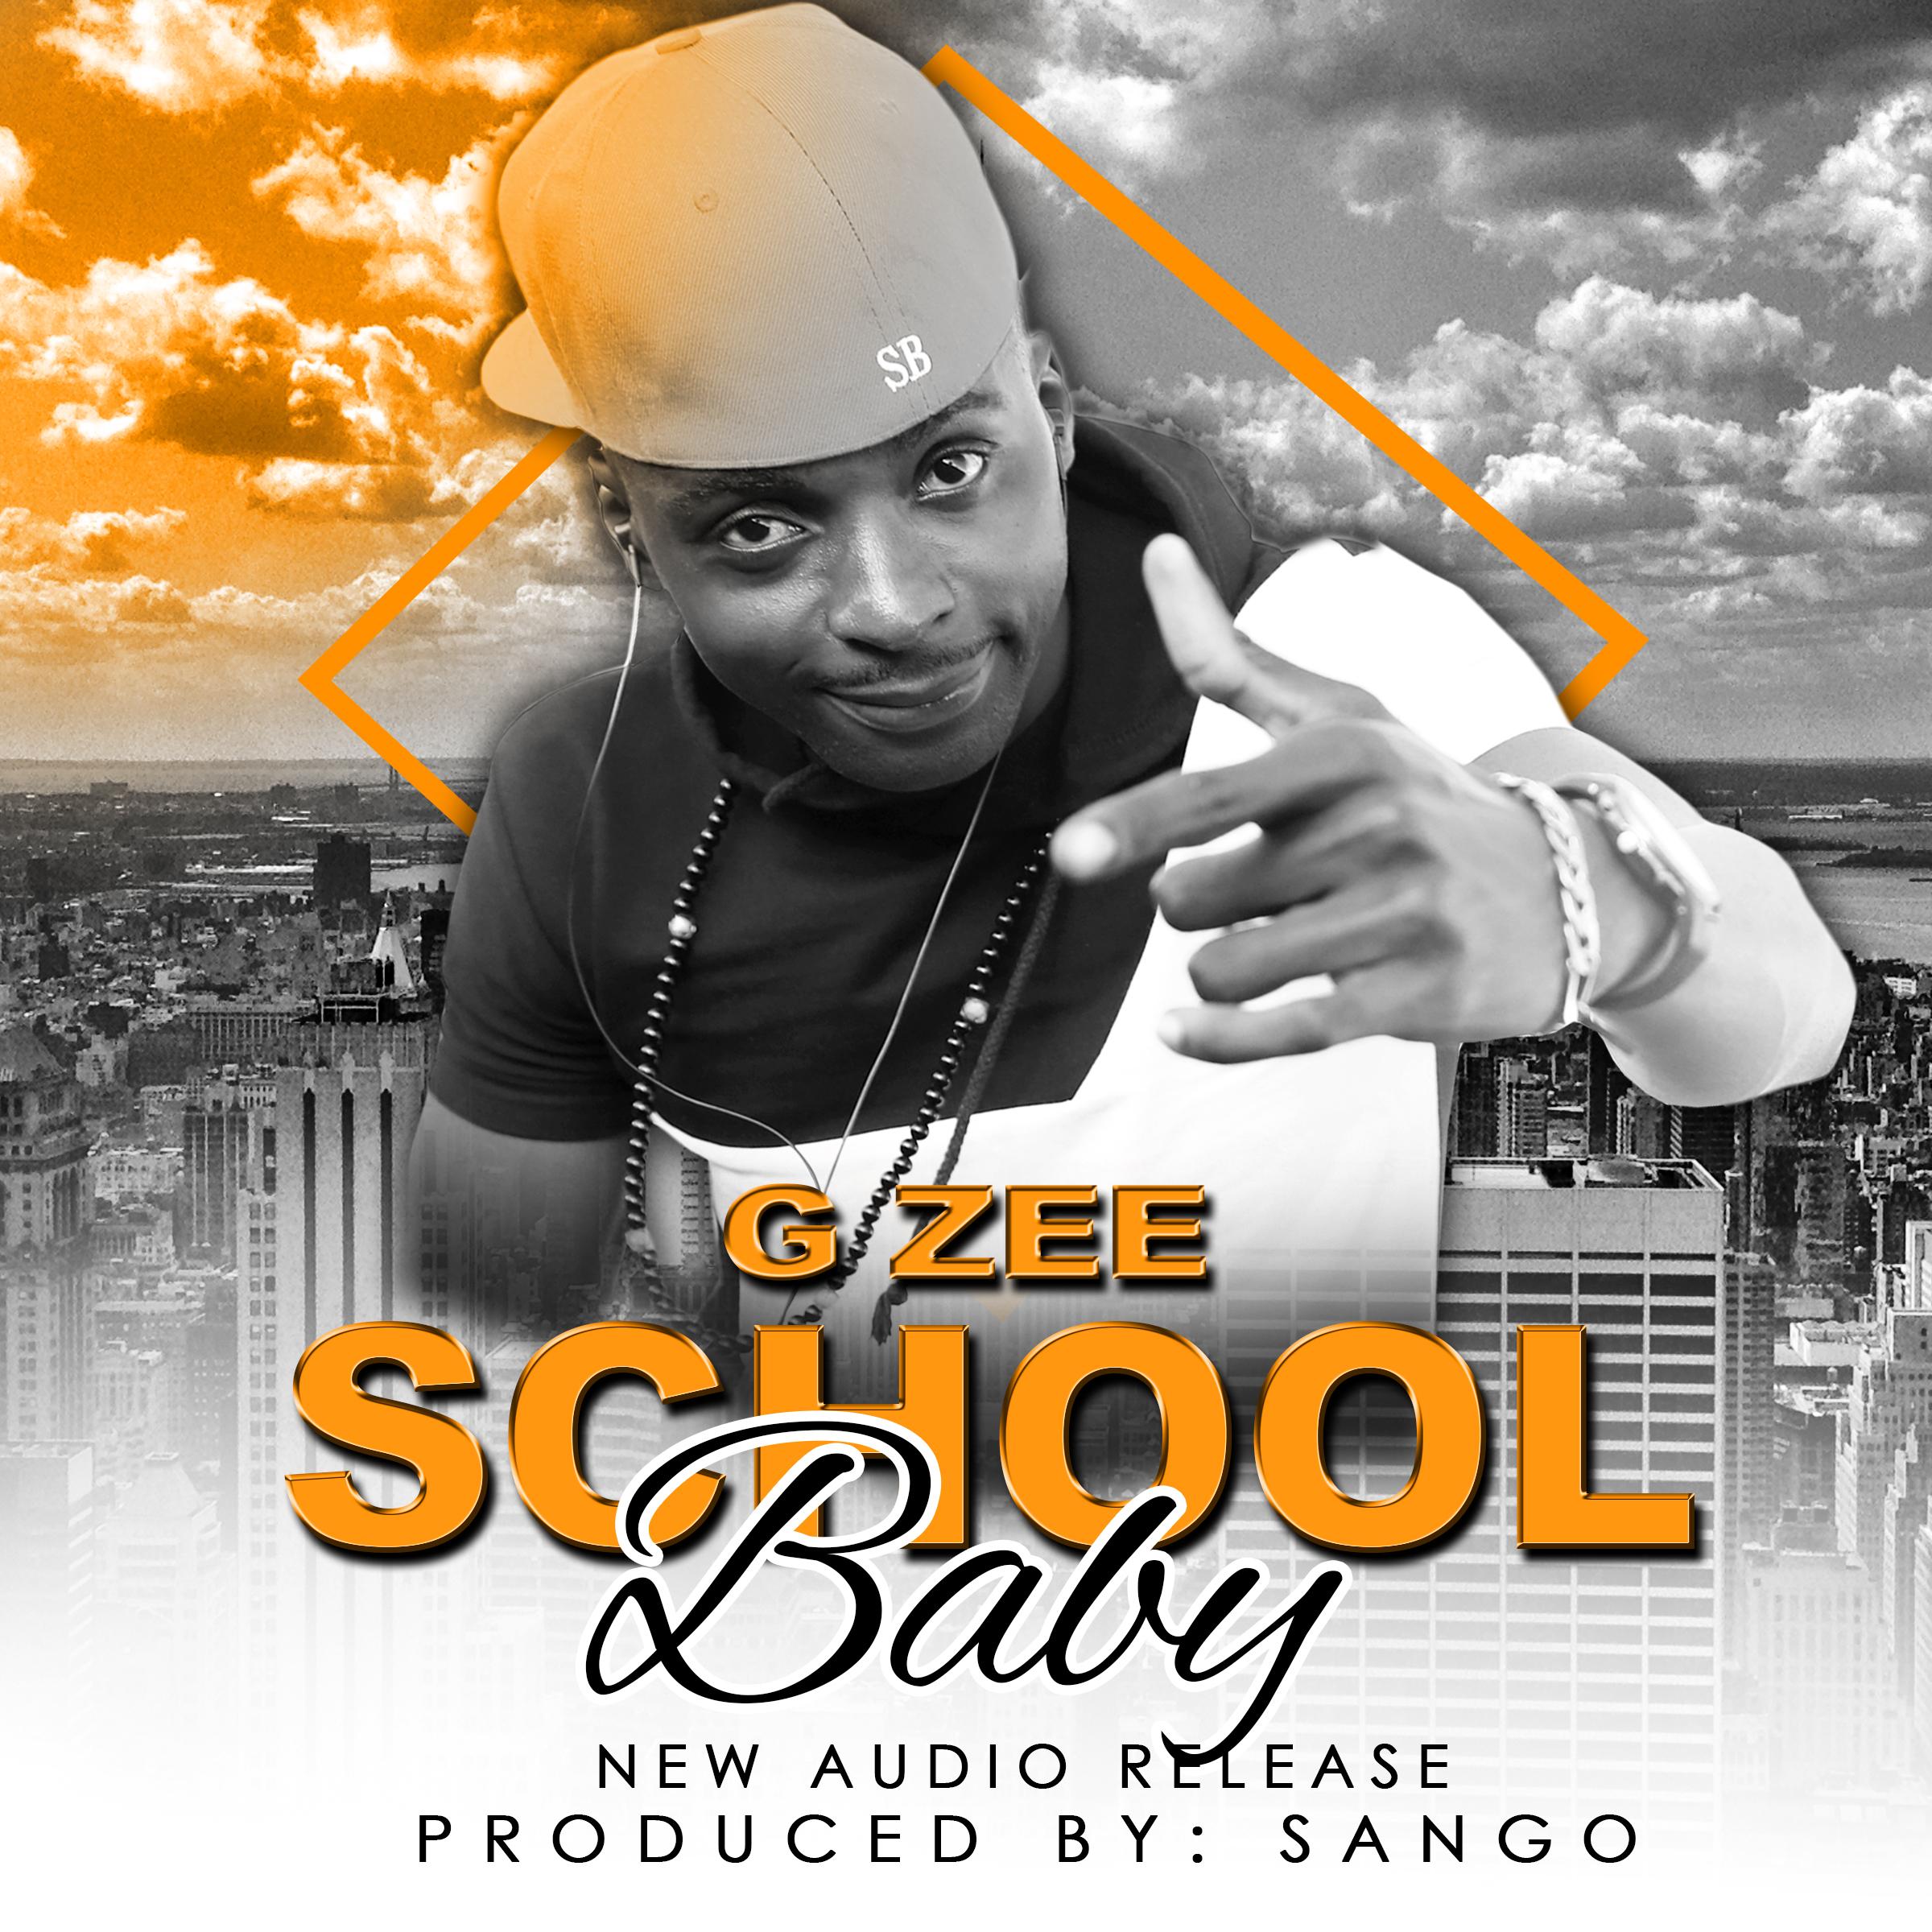 G zee - school baby